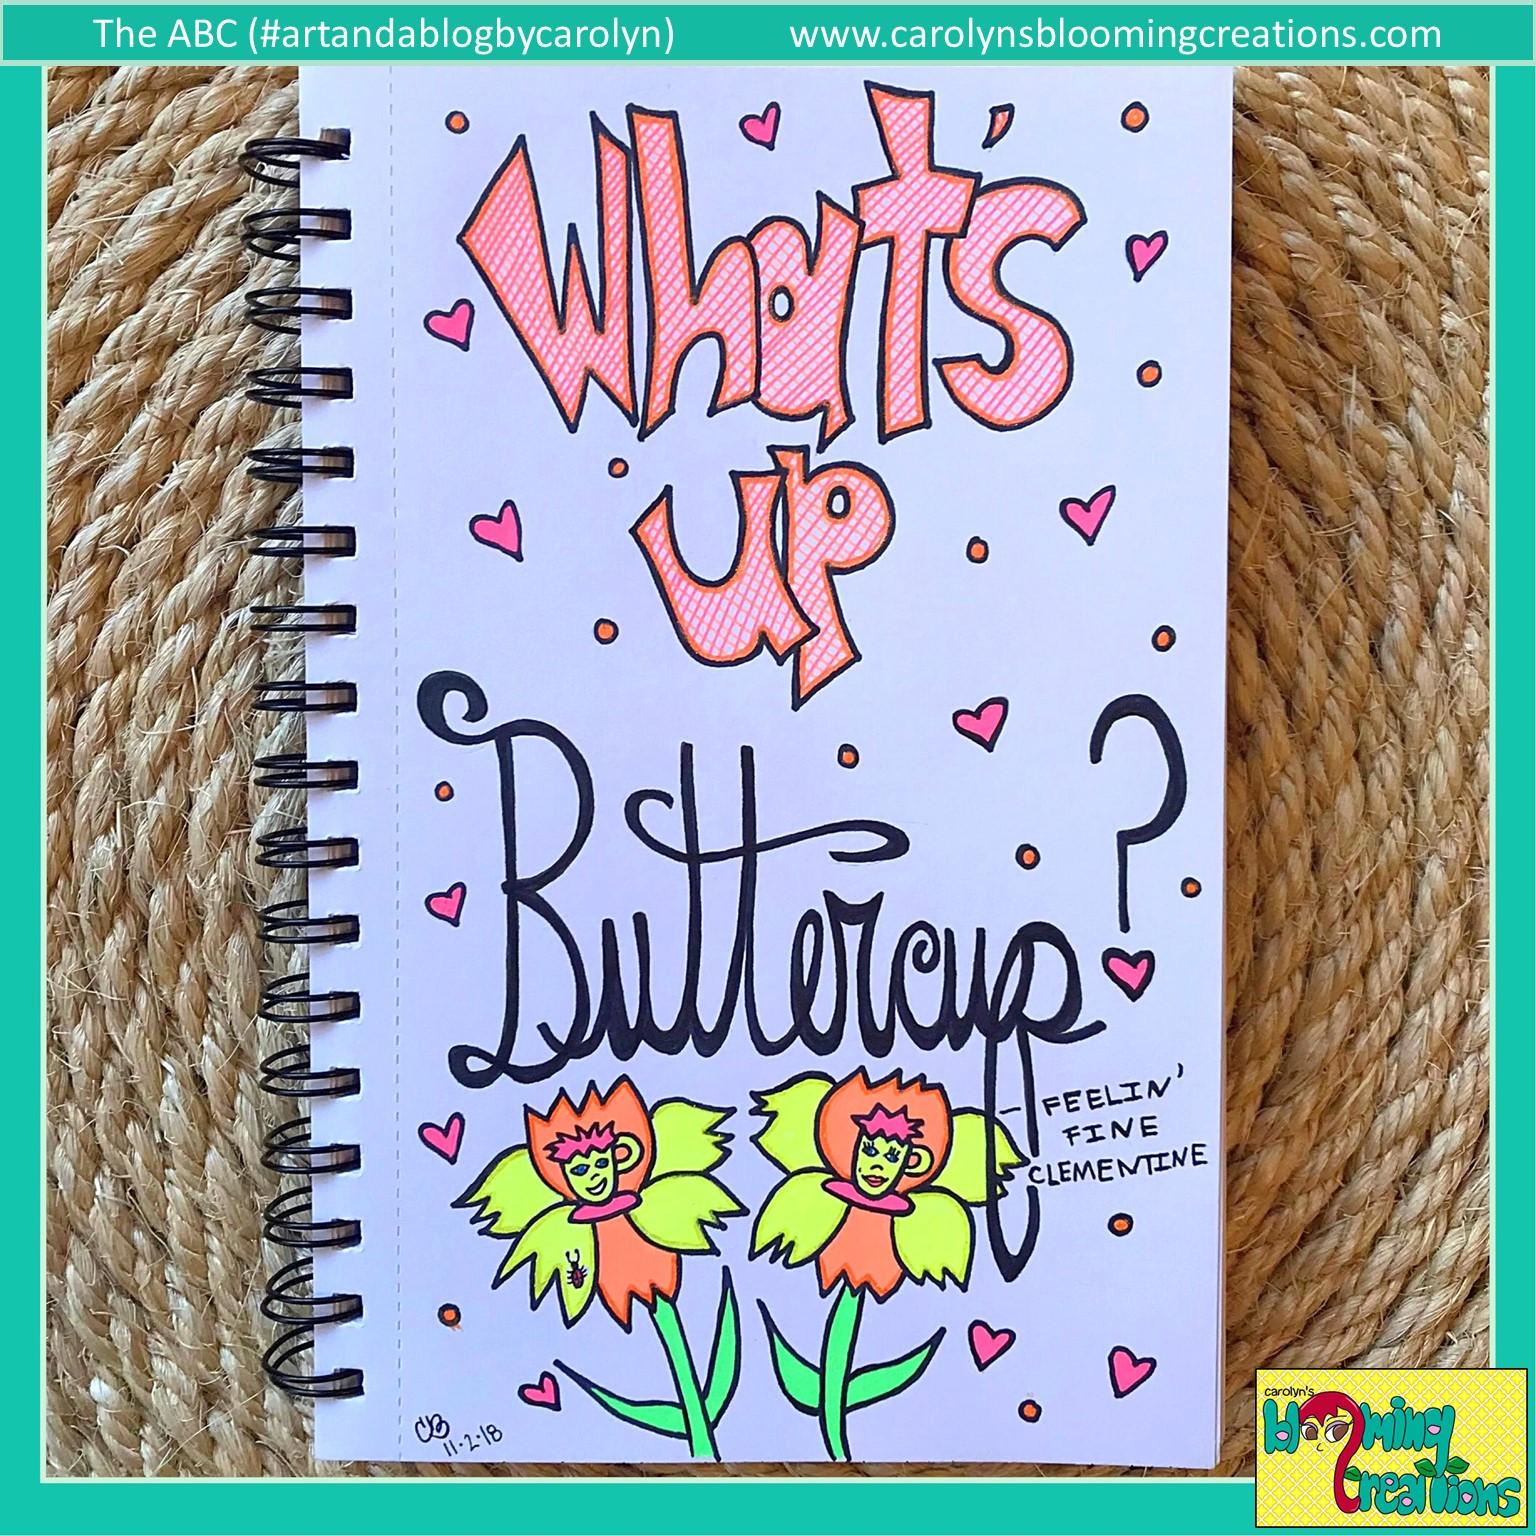 Carolyn Braden Whats up buttercup.JPG